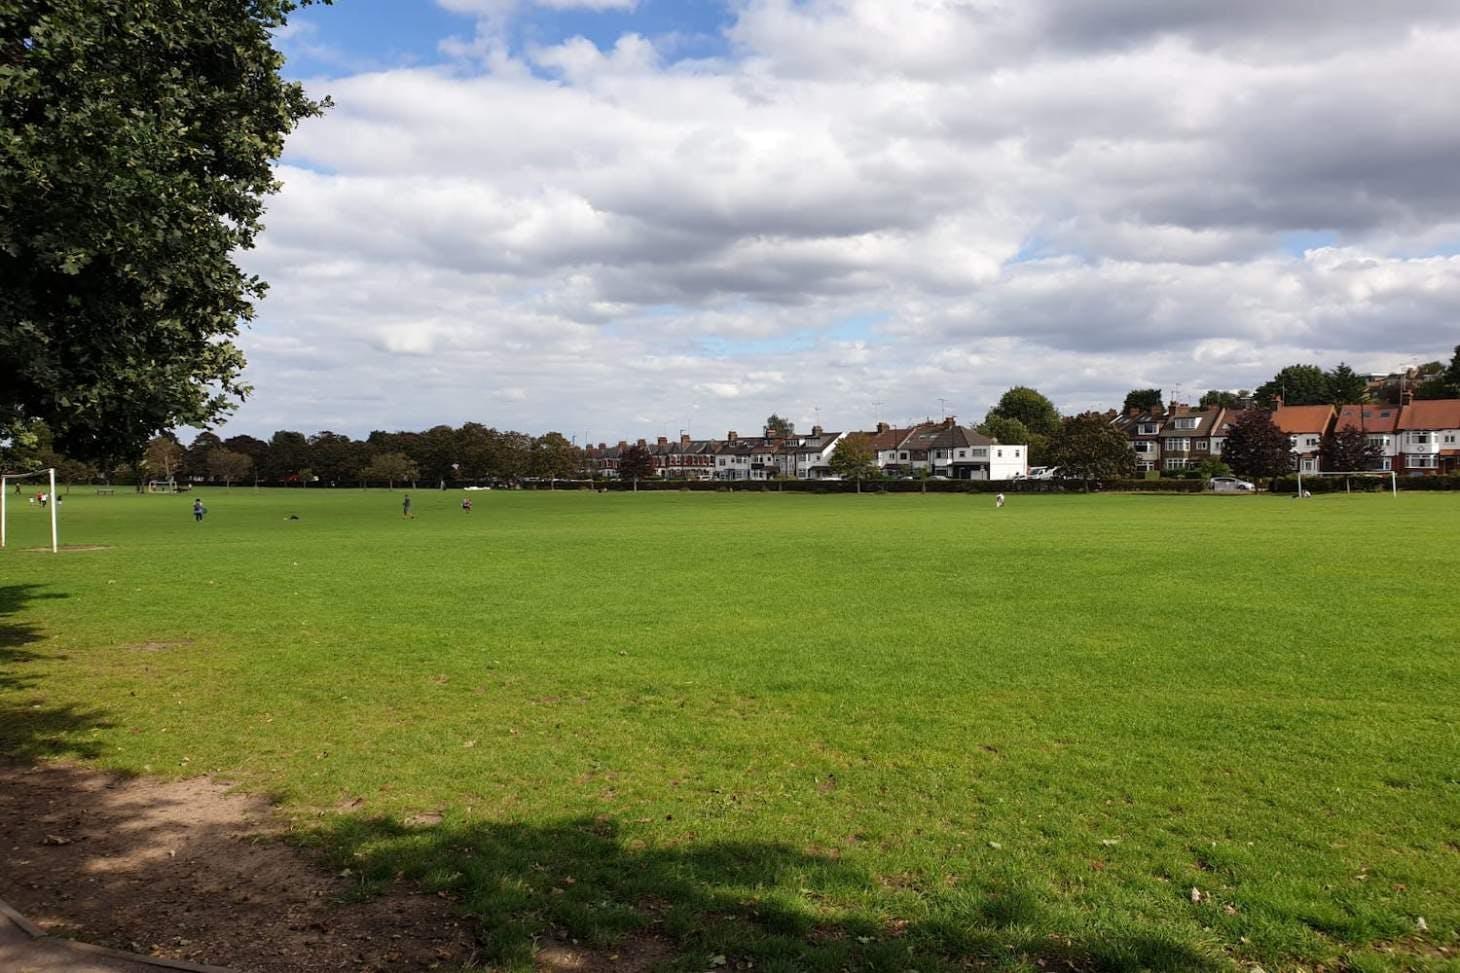 Albert Road Recreation Ground 9 a side   Grass football pitch